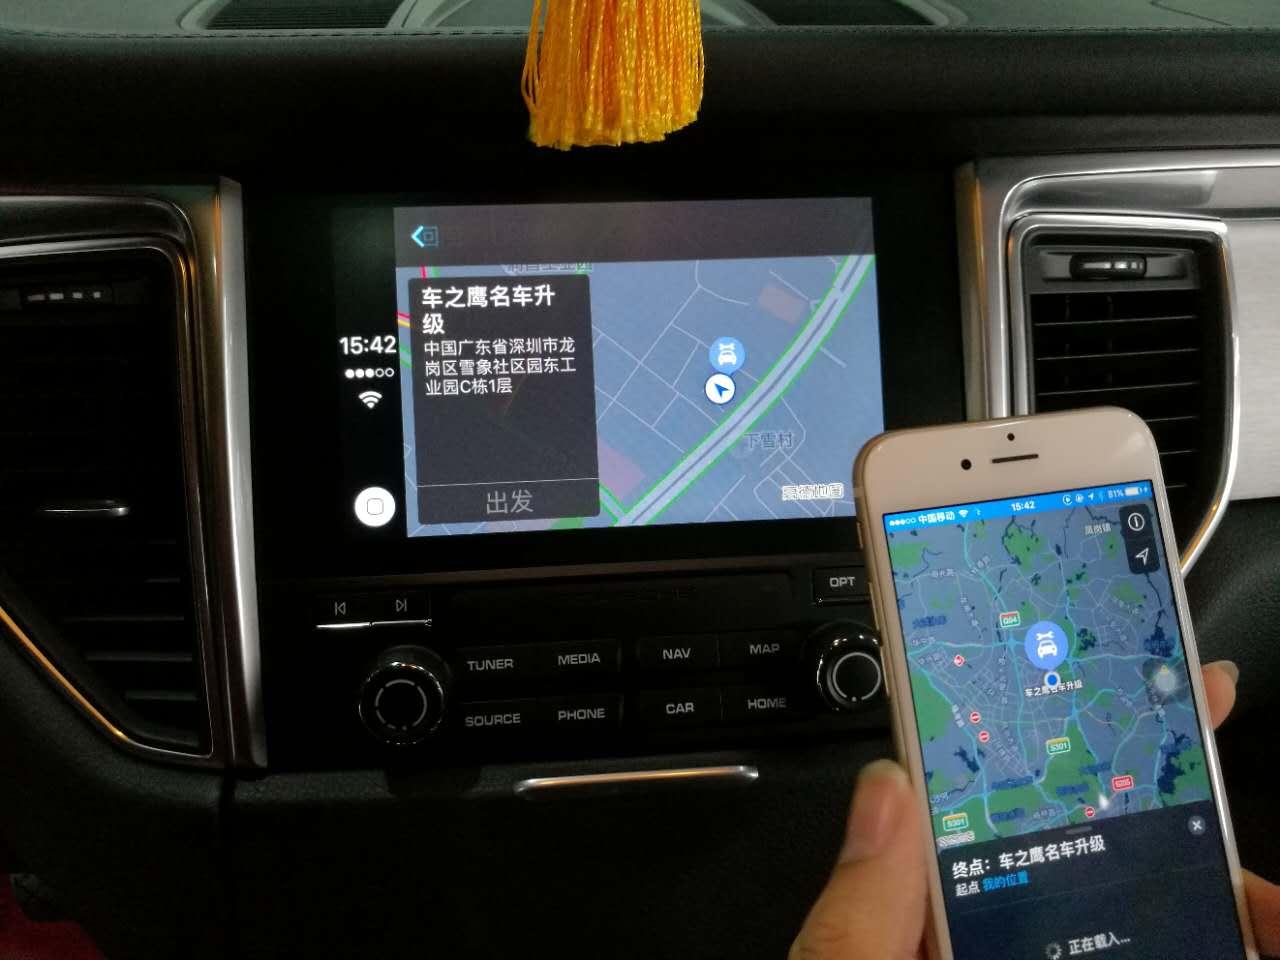 昆明保时捷马卡GTS激活原厂carplay模块。